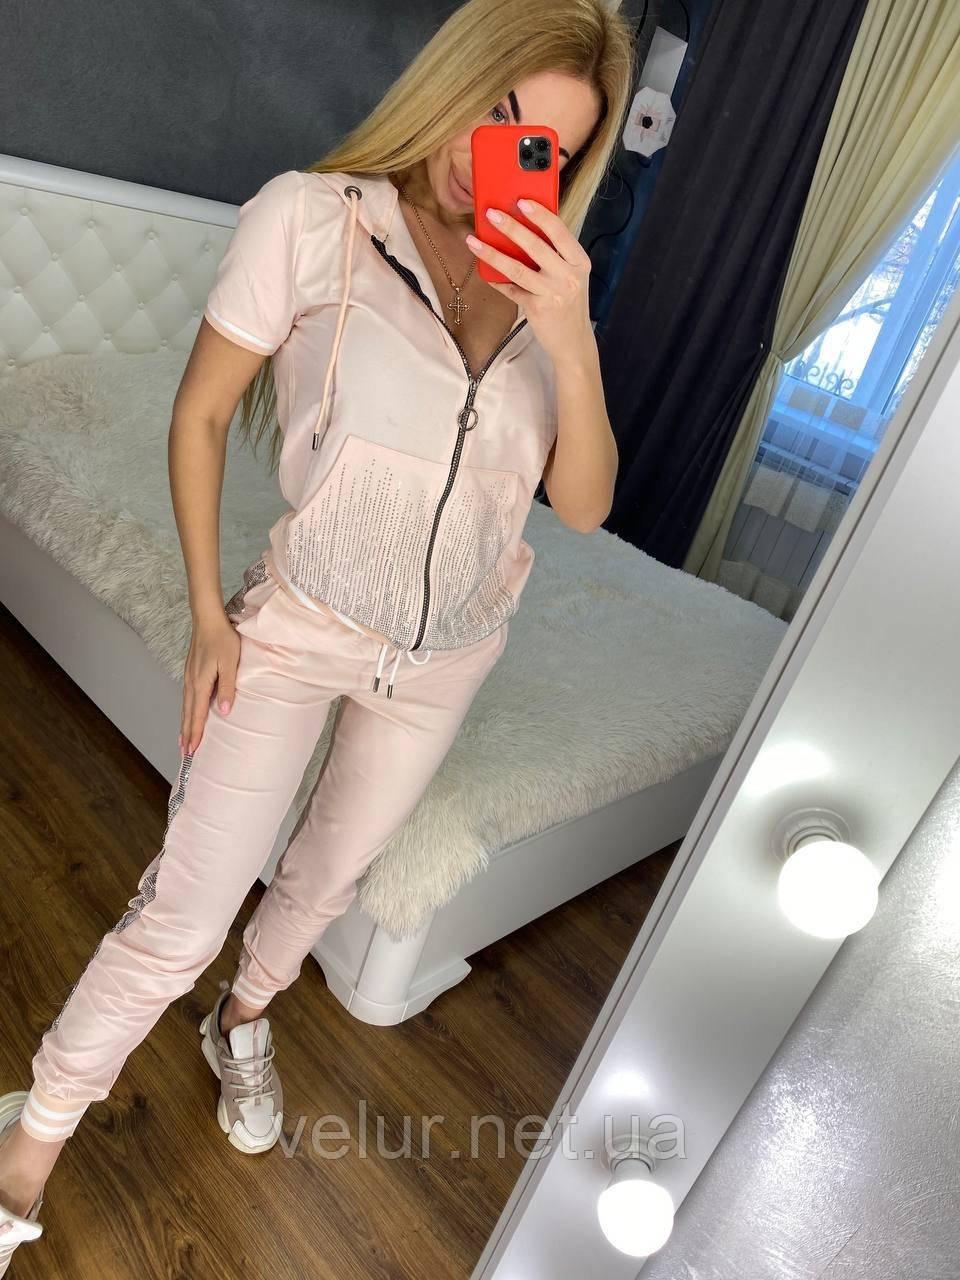 Жіночий літній костюм *Cignet* (Туреччина); розмір С,М,Л,ХЛ повномірні, 4 кольори